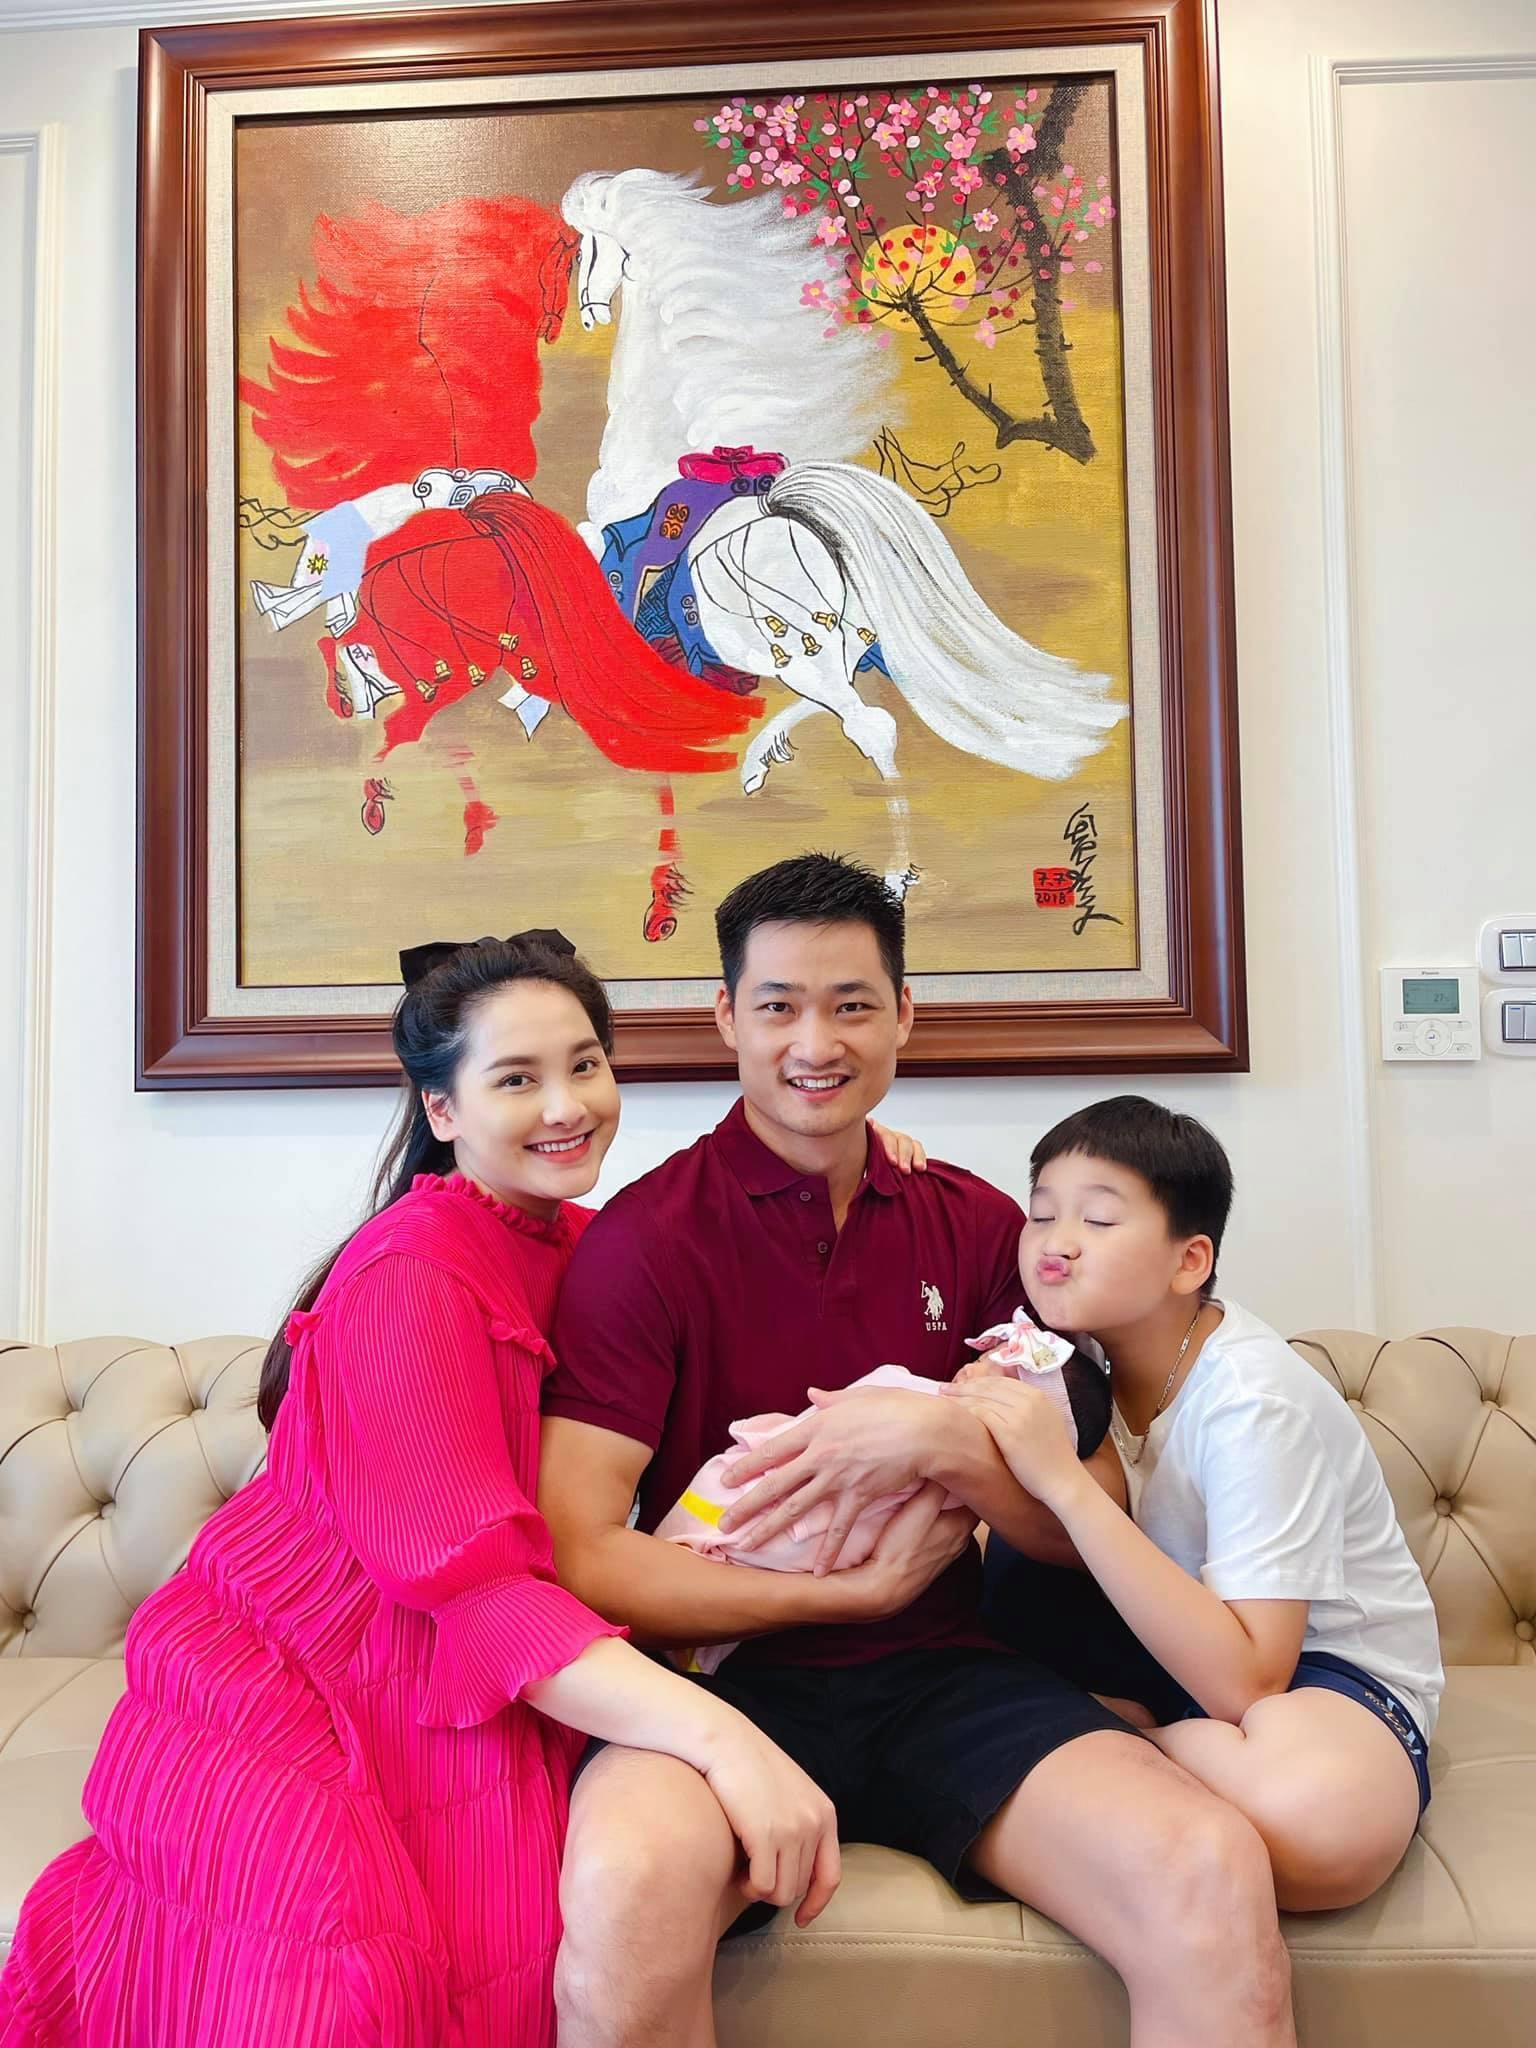 Bảo Thanh lần đầu khoe nhan sắc mẹ bỉm sau 4 ngày sinh nở, hé lộ luôn thông tin đặc biệt của ái nữ Ảnh 1